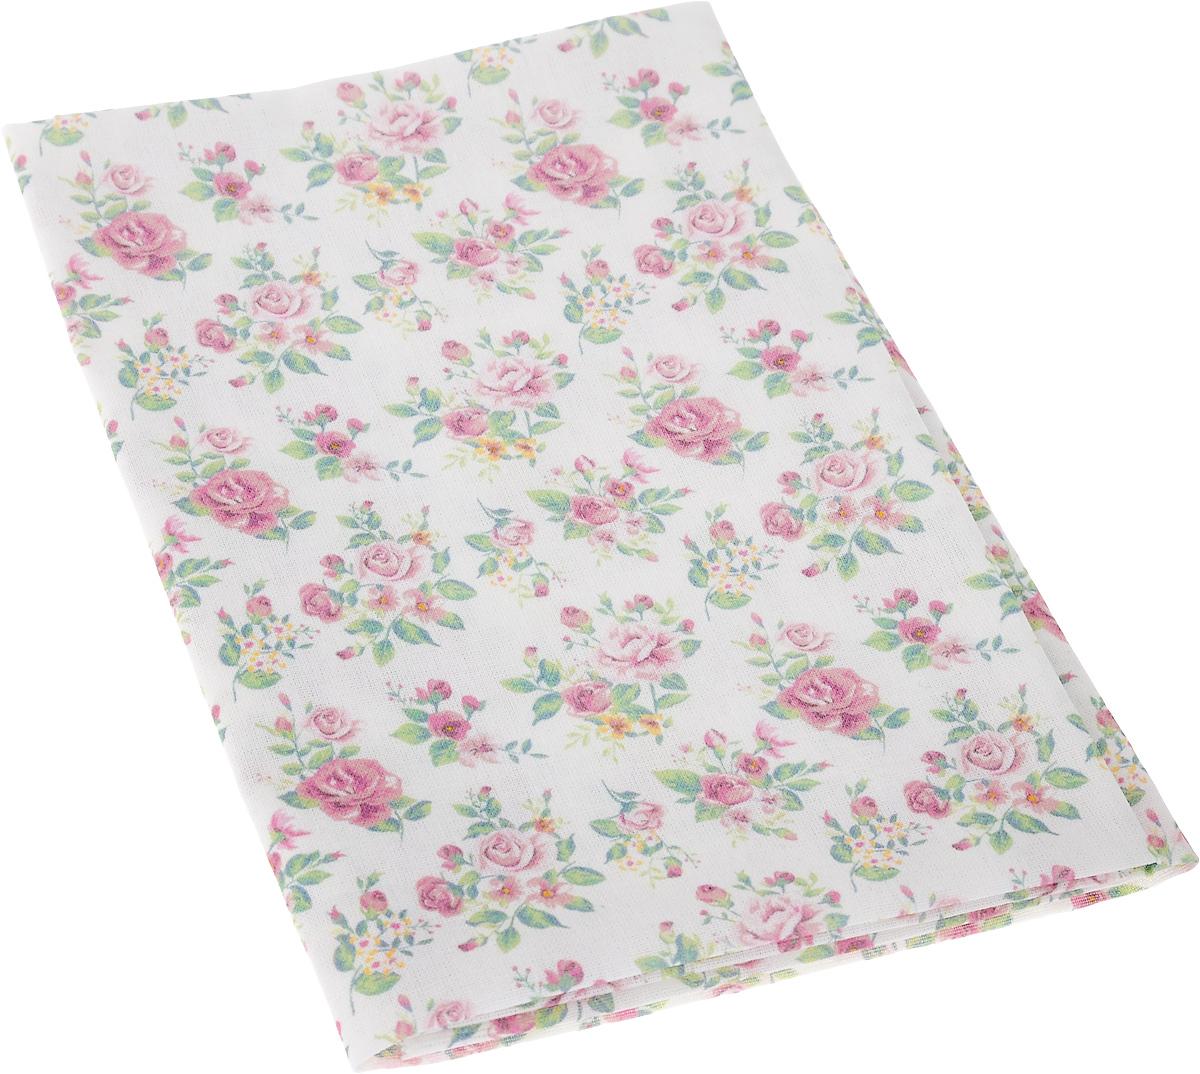 Ткань для пэчворка Артмикс Нежные розы шебби, цвет: белый, розовый, зеленый, 48 x 50 смSS 4041Ткань Артмикс Нежные розы шебби, изготовленная из 100% хлопка, предназначена для пошива одеял, покрывал, сумок, аппликаций и прочих изделий в технике пэчворк. Также подходит для пошива кукол, аксессуаров и одежды.Пэчворк - это вид рукоделия, при котором по принципу мозаики сшивается цельное изделие из кусочков ткани (лоскутков). Плотность ткани: 120 г/м2.УВАЖАЕМЫЕ КЛИЕНТЫ!Обращаем ваше внимание, на тот факт, что размер отреза может отличаться на 1-2 см.